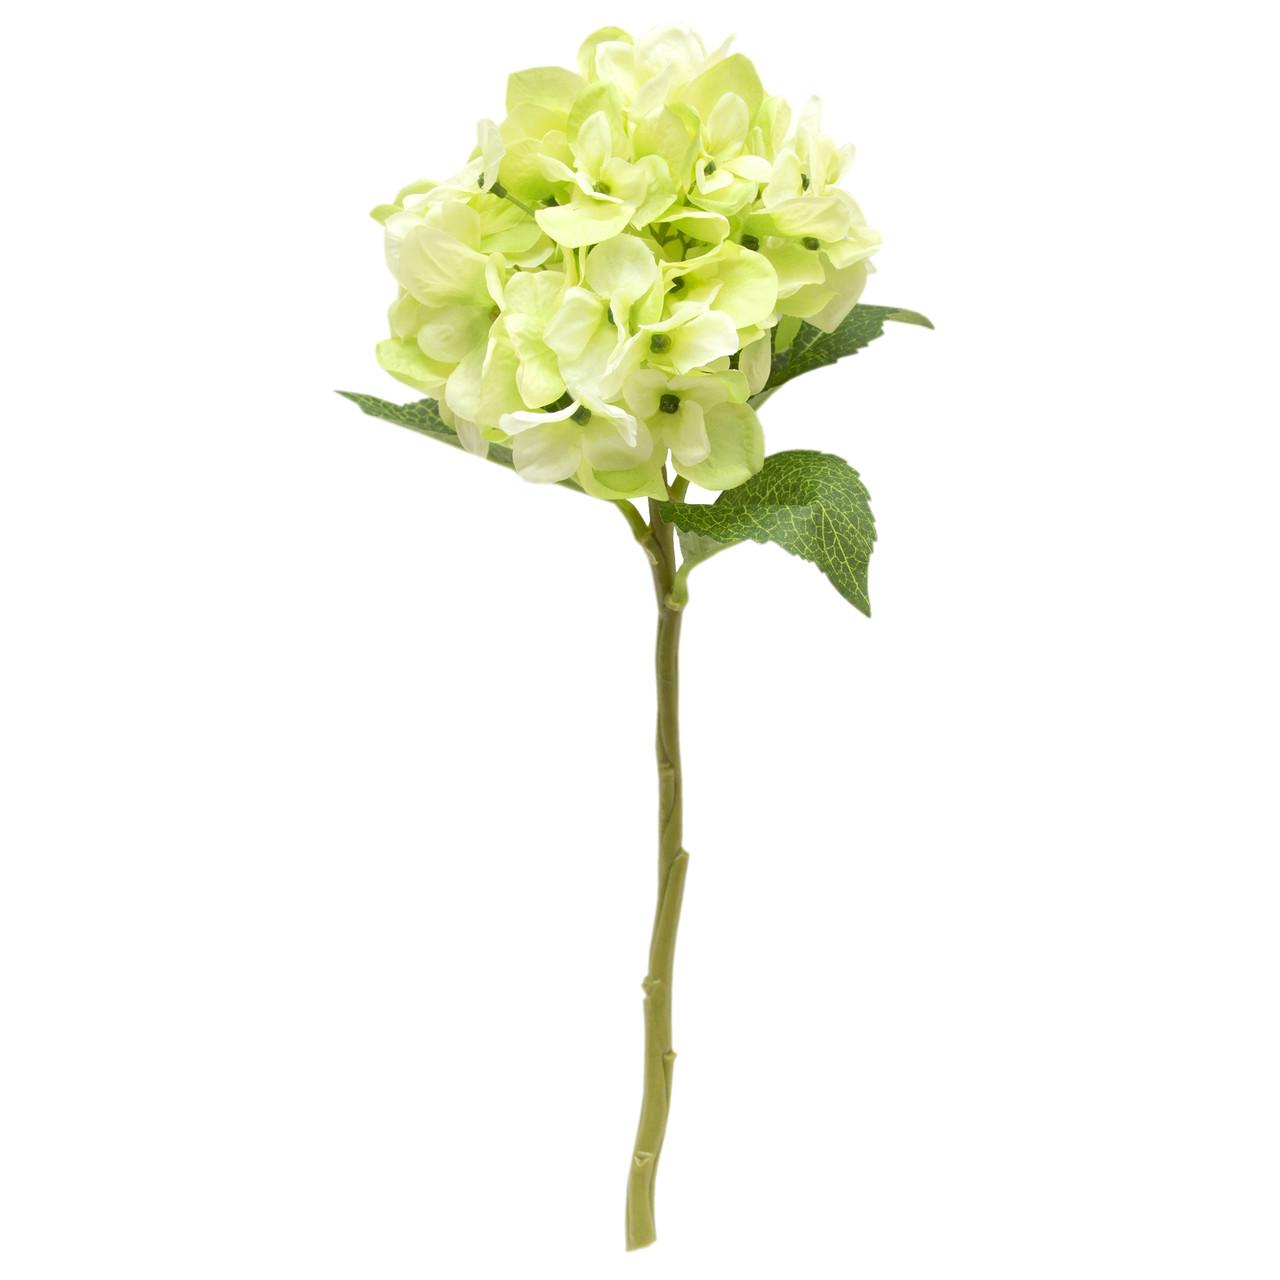 Искусственный цветок Гортензия, 35 см, Зеленый (631000)